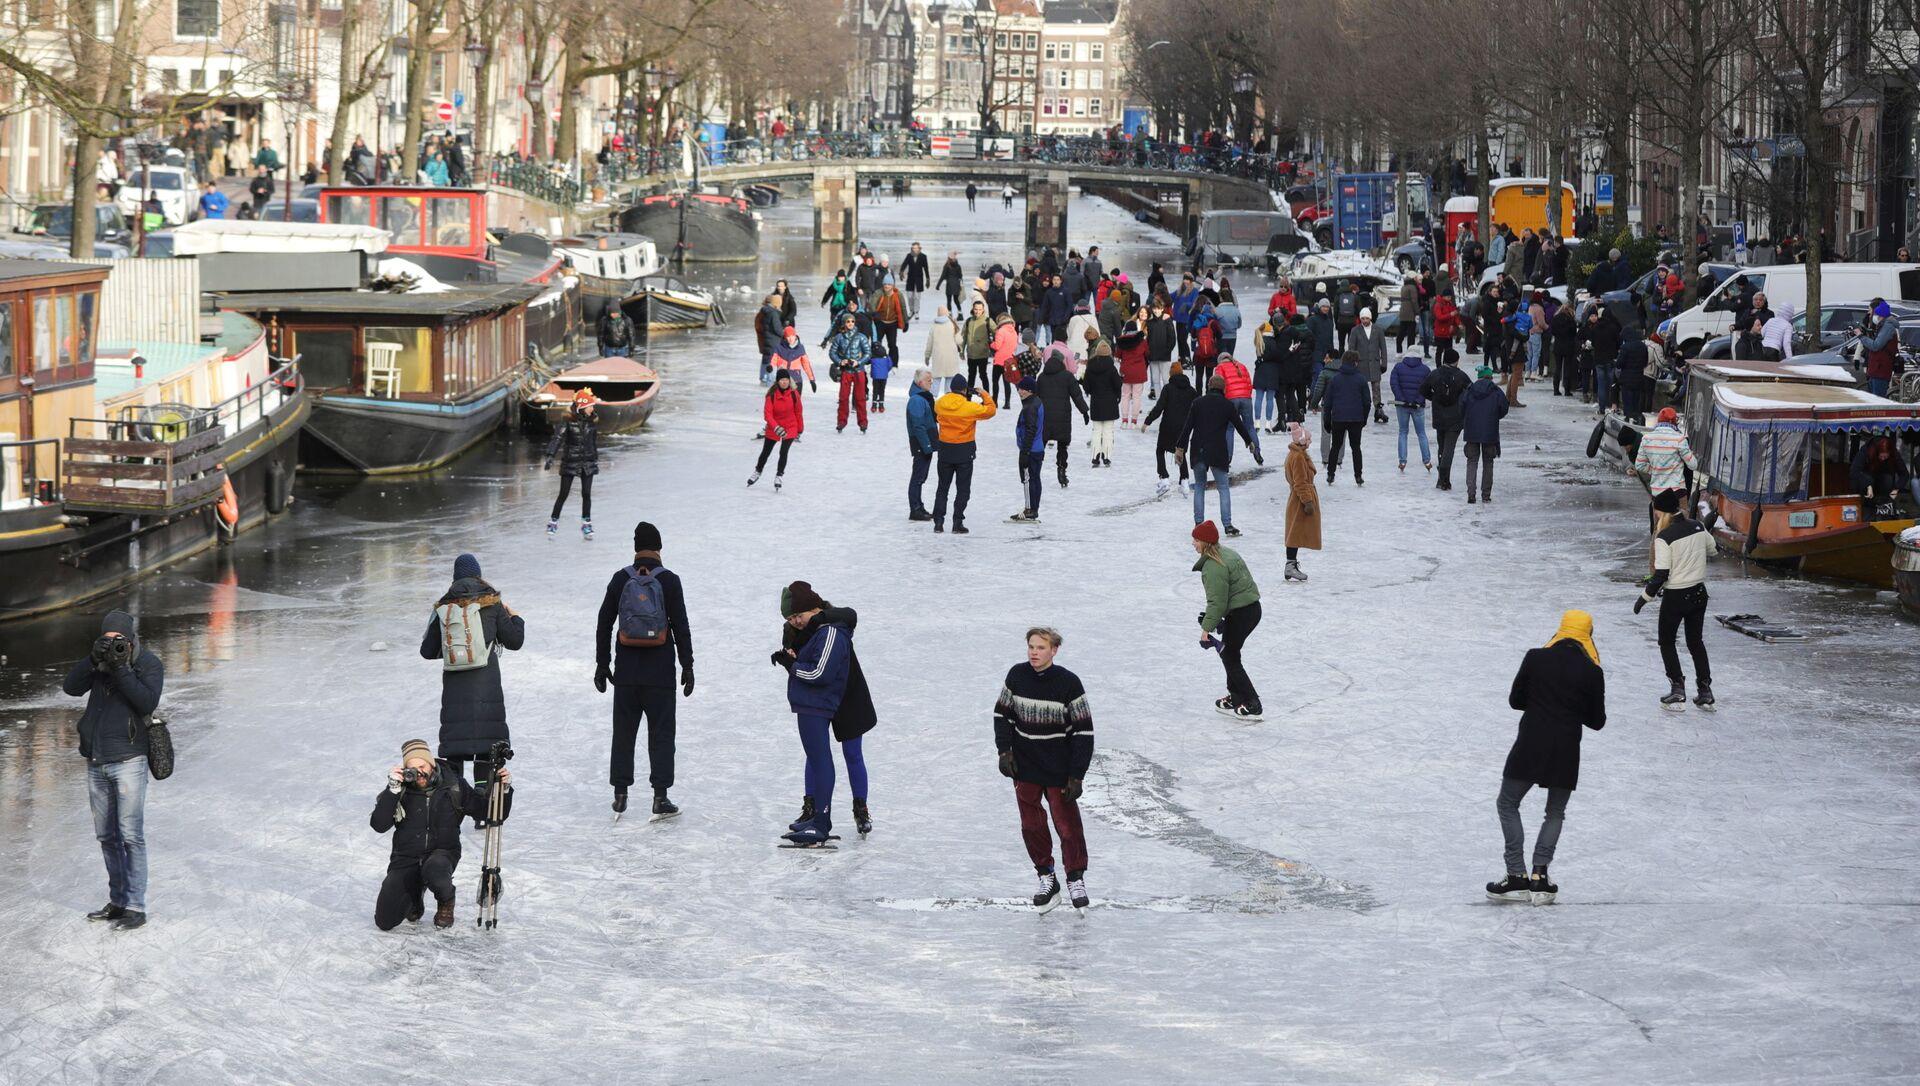 La gente pattina sul canale ghiacciato di Amsterdam - Sputnik Italia, 1920, 16.02.2021